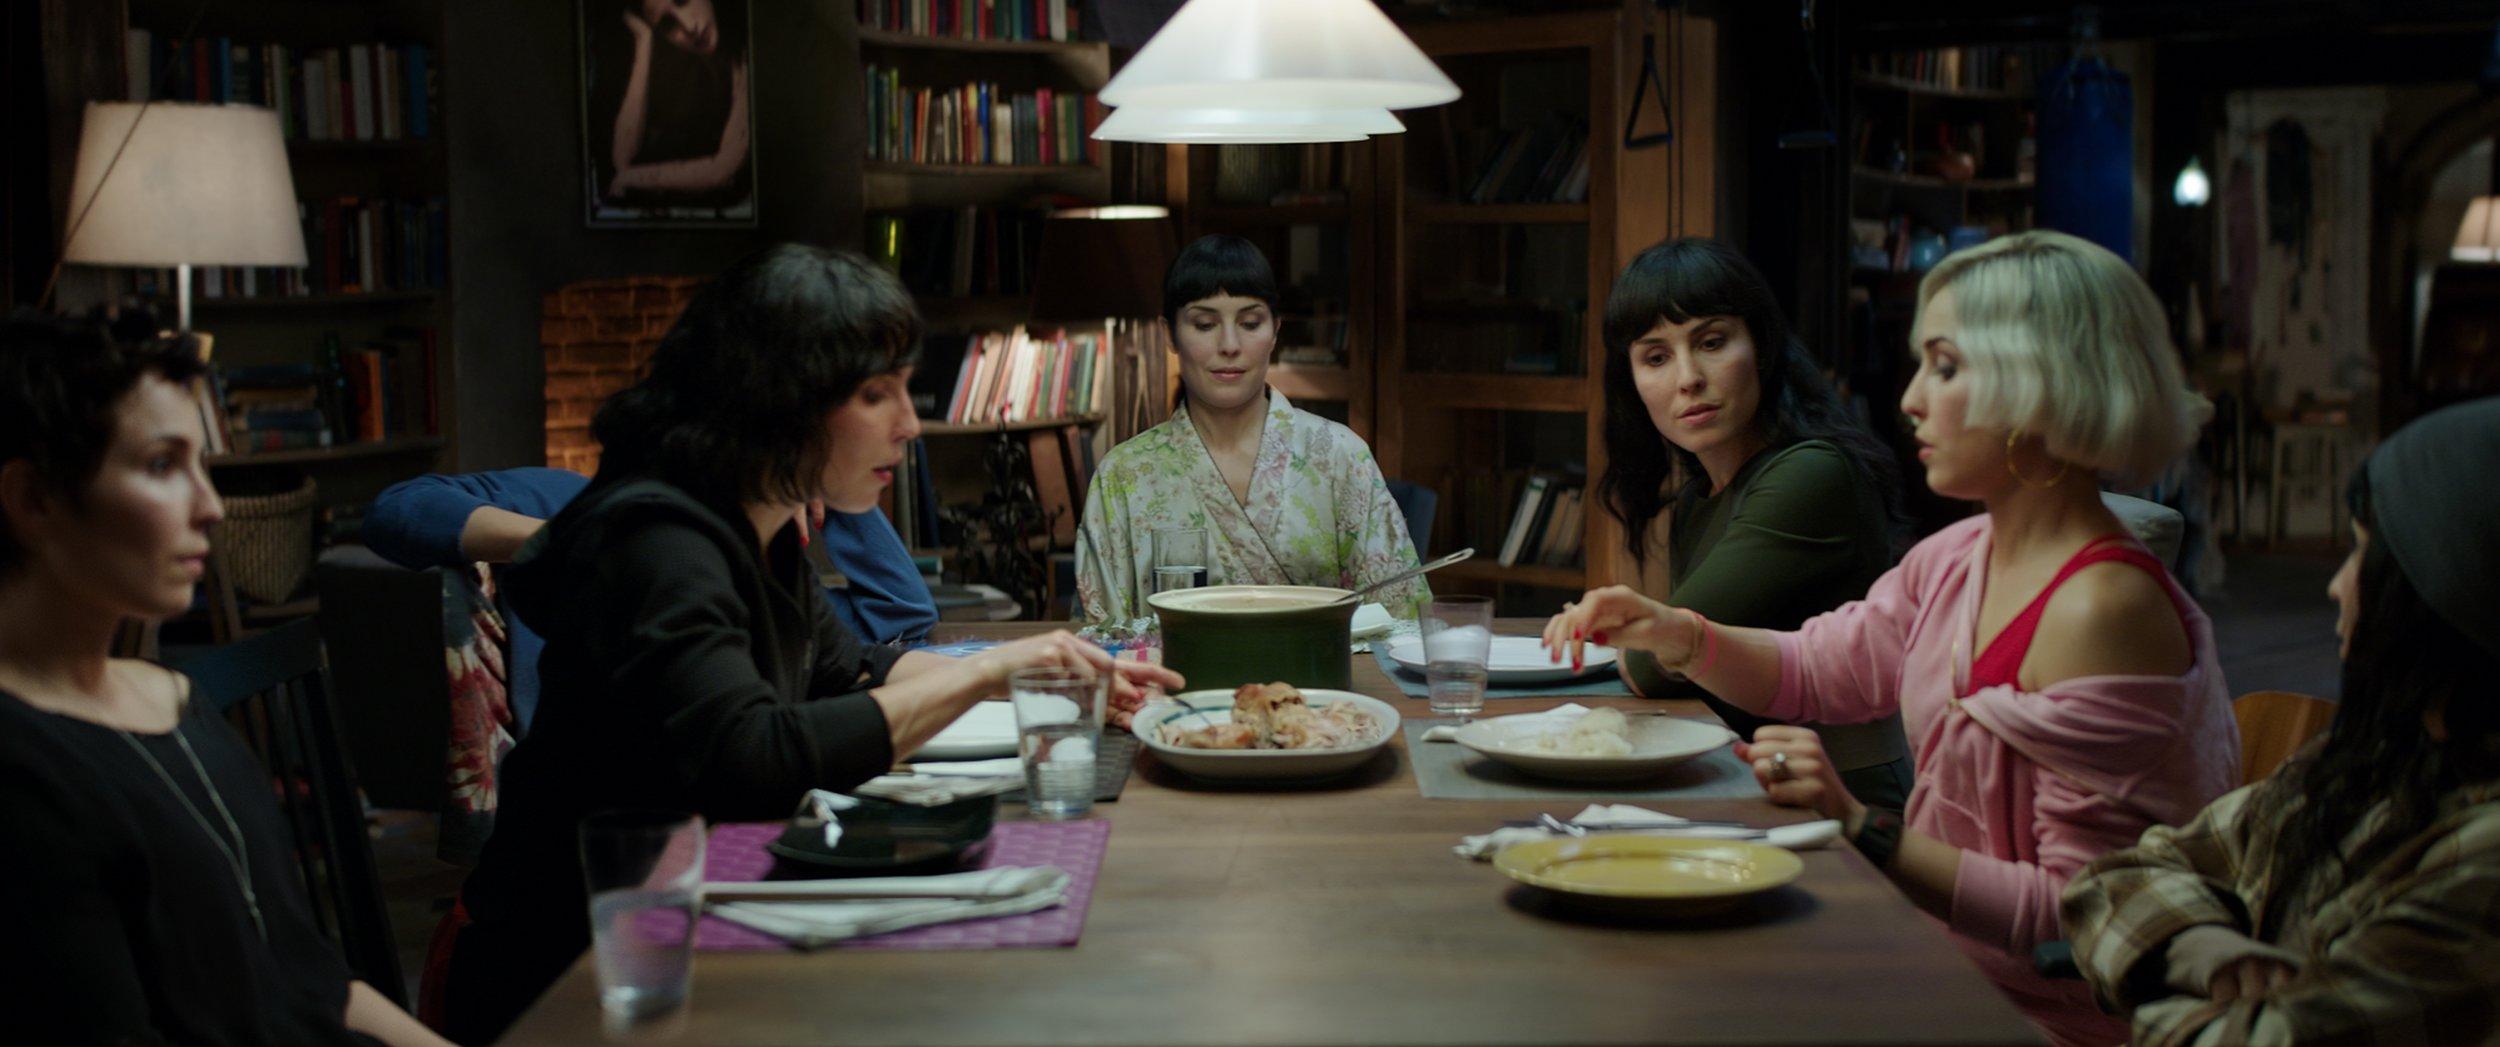 Syv søstre, én skuespiller: Fra venstre sjulingene Thursday, Wednesday, Tuesday (skjult), Monday, Sunday, Saturday og Friday, alle spilt av Noomi Rapace.